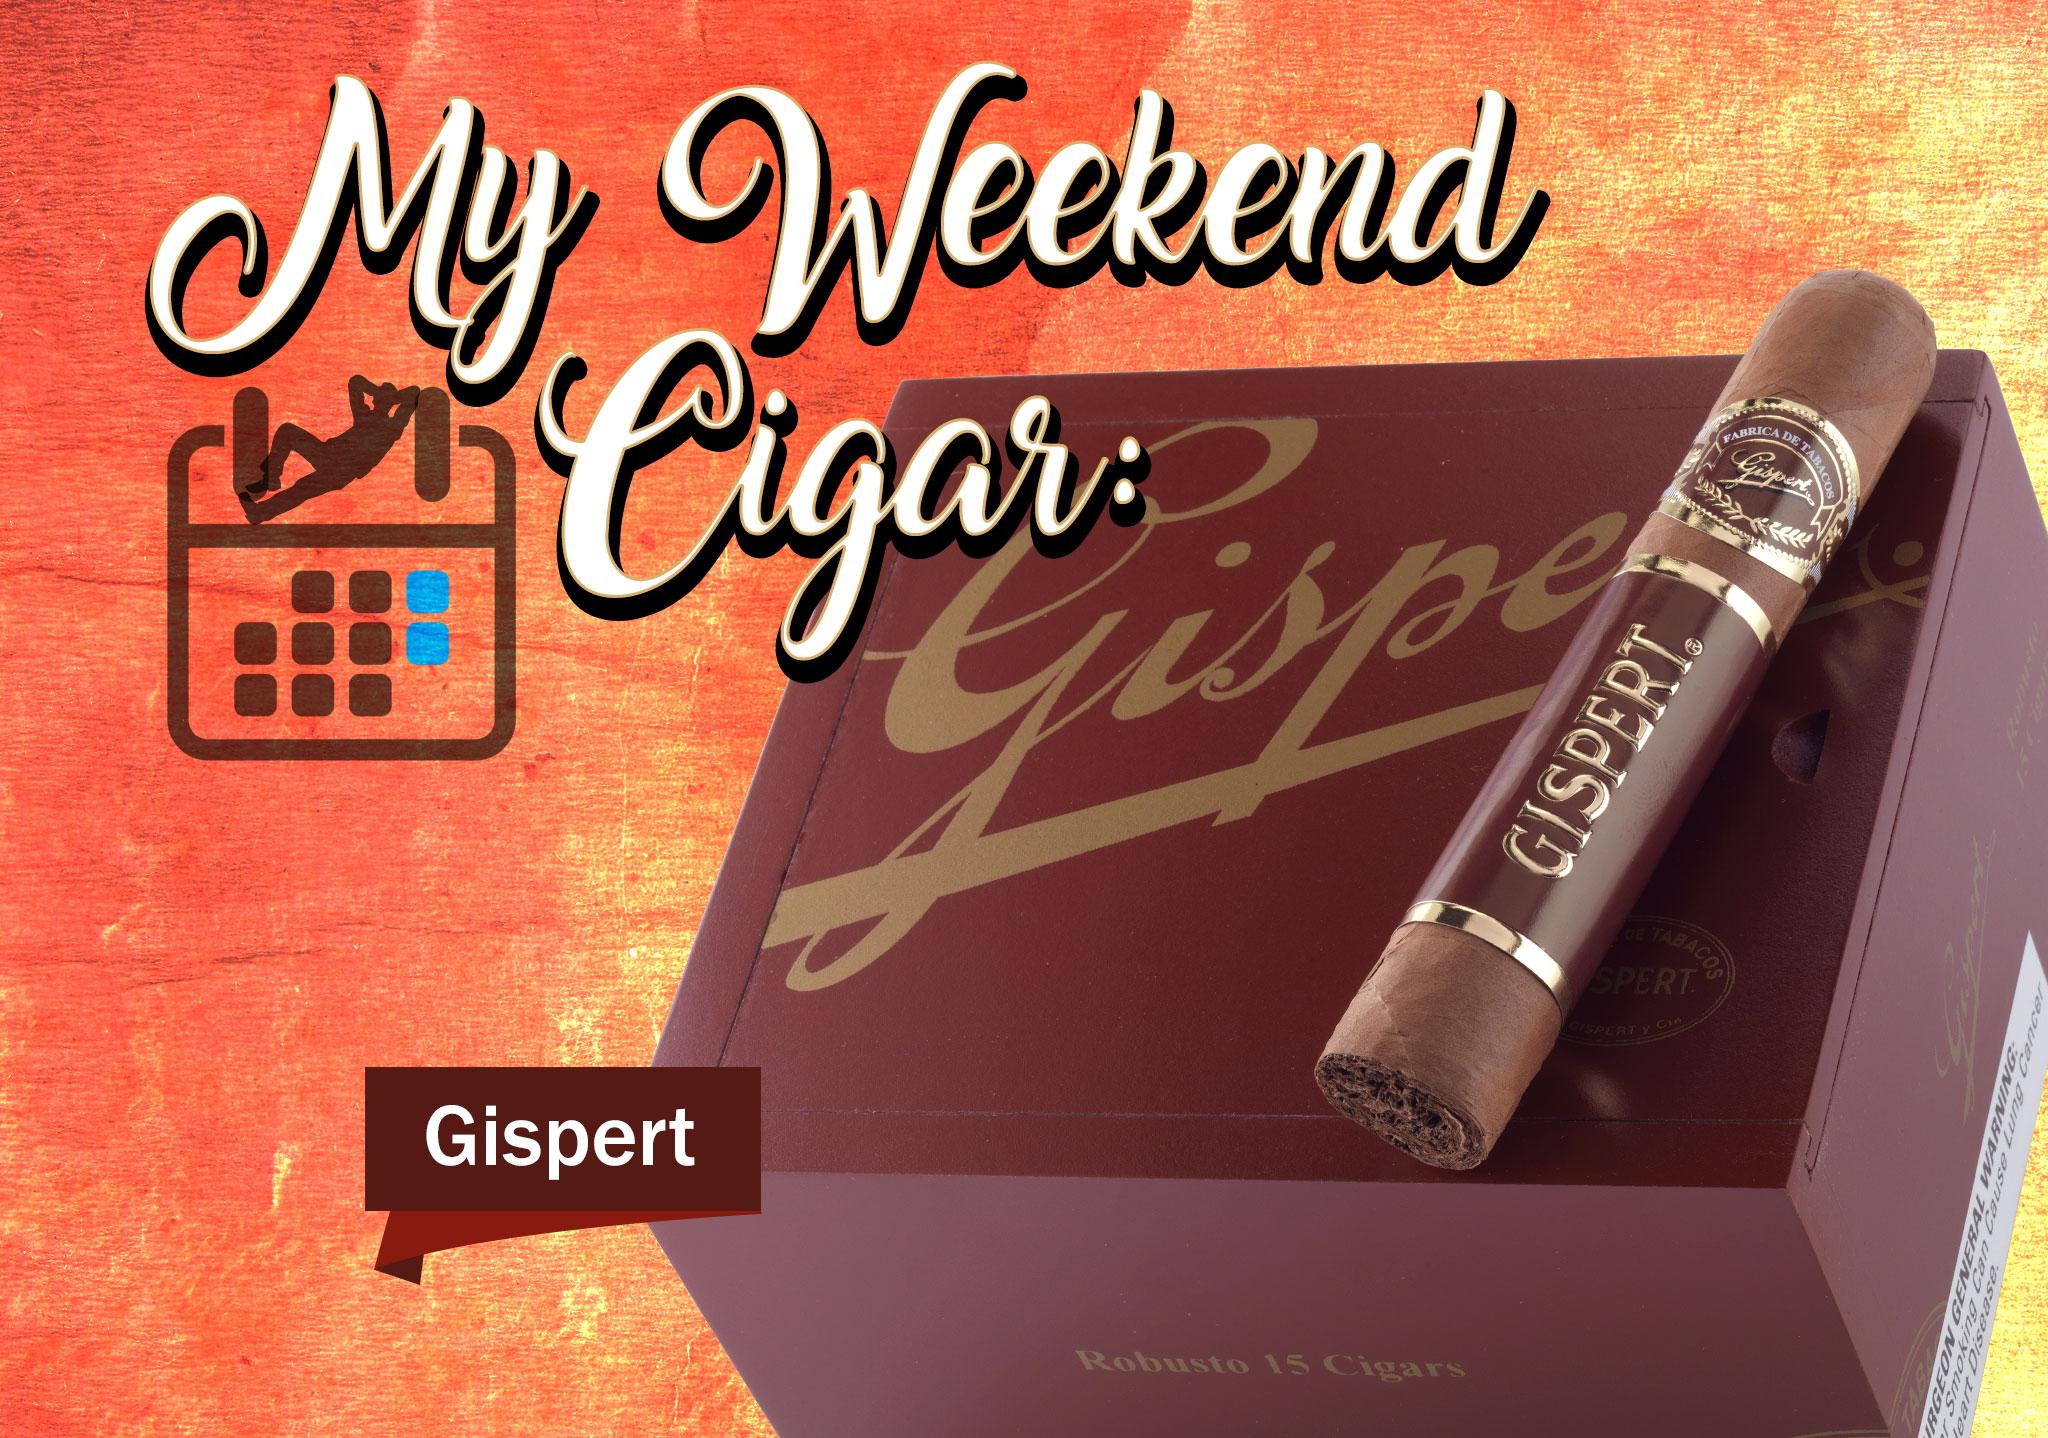 My Weekend Cigar – Oct. 16, 2017: Gispert